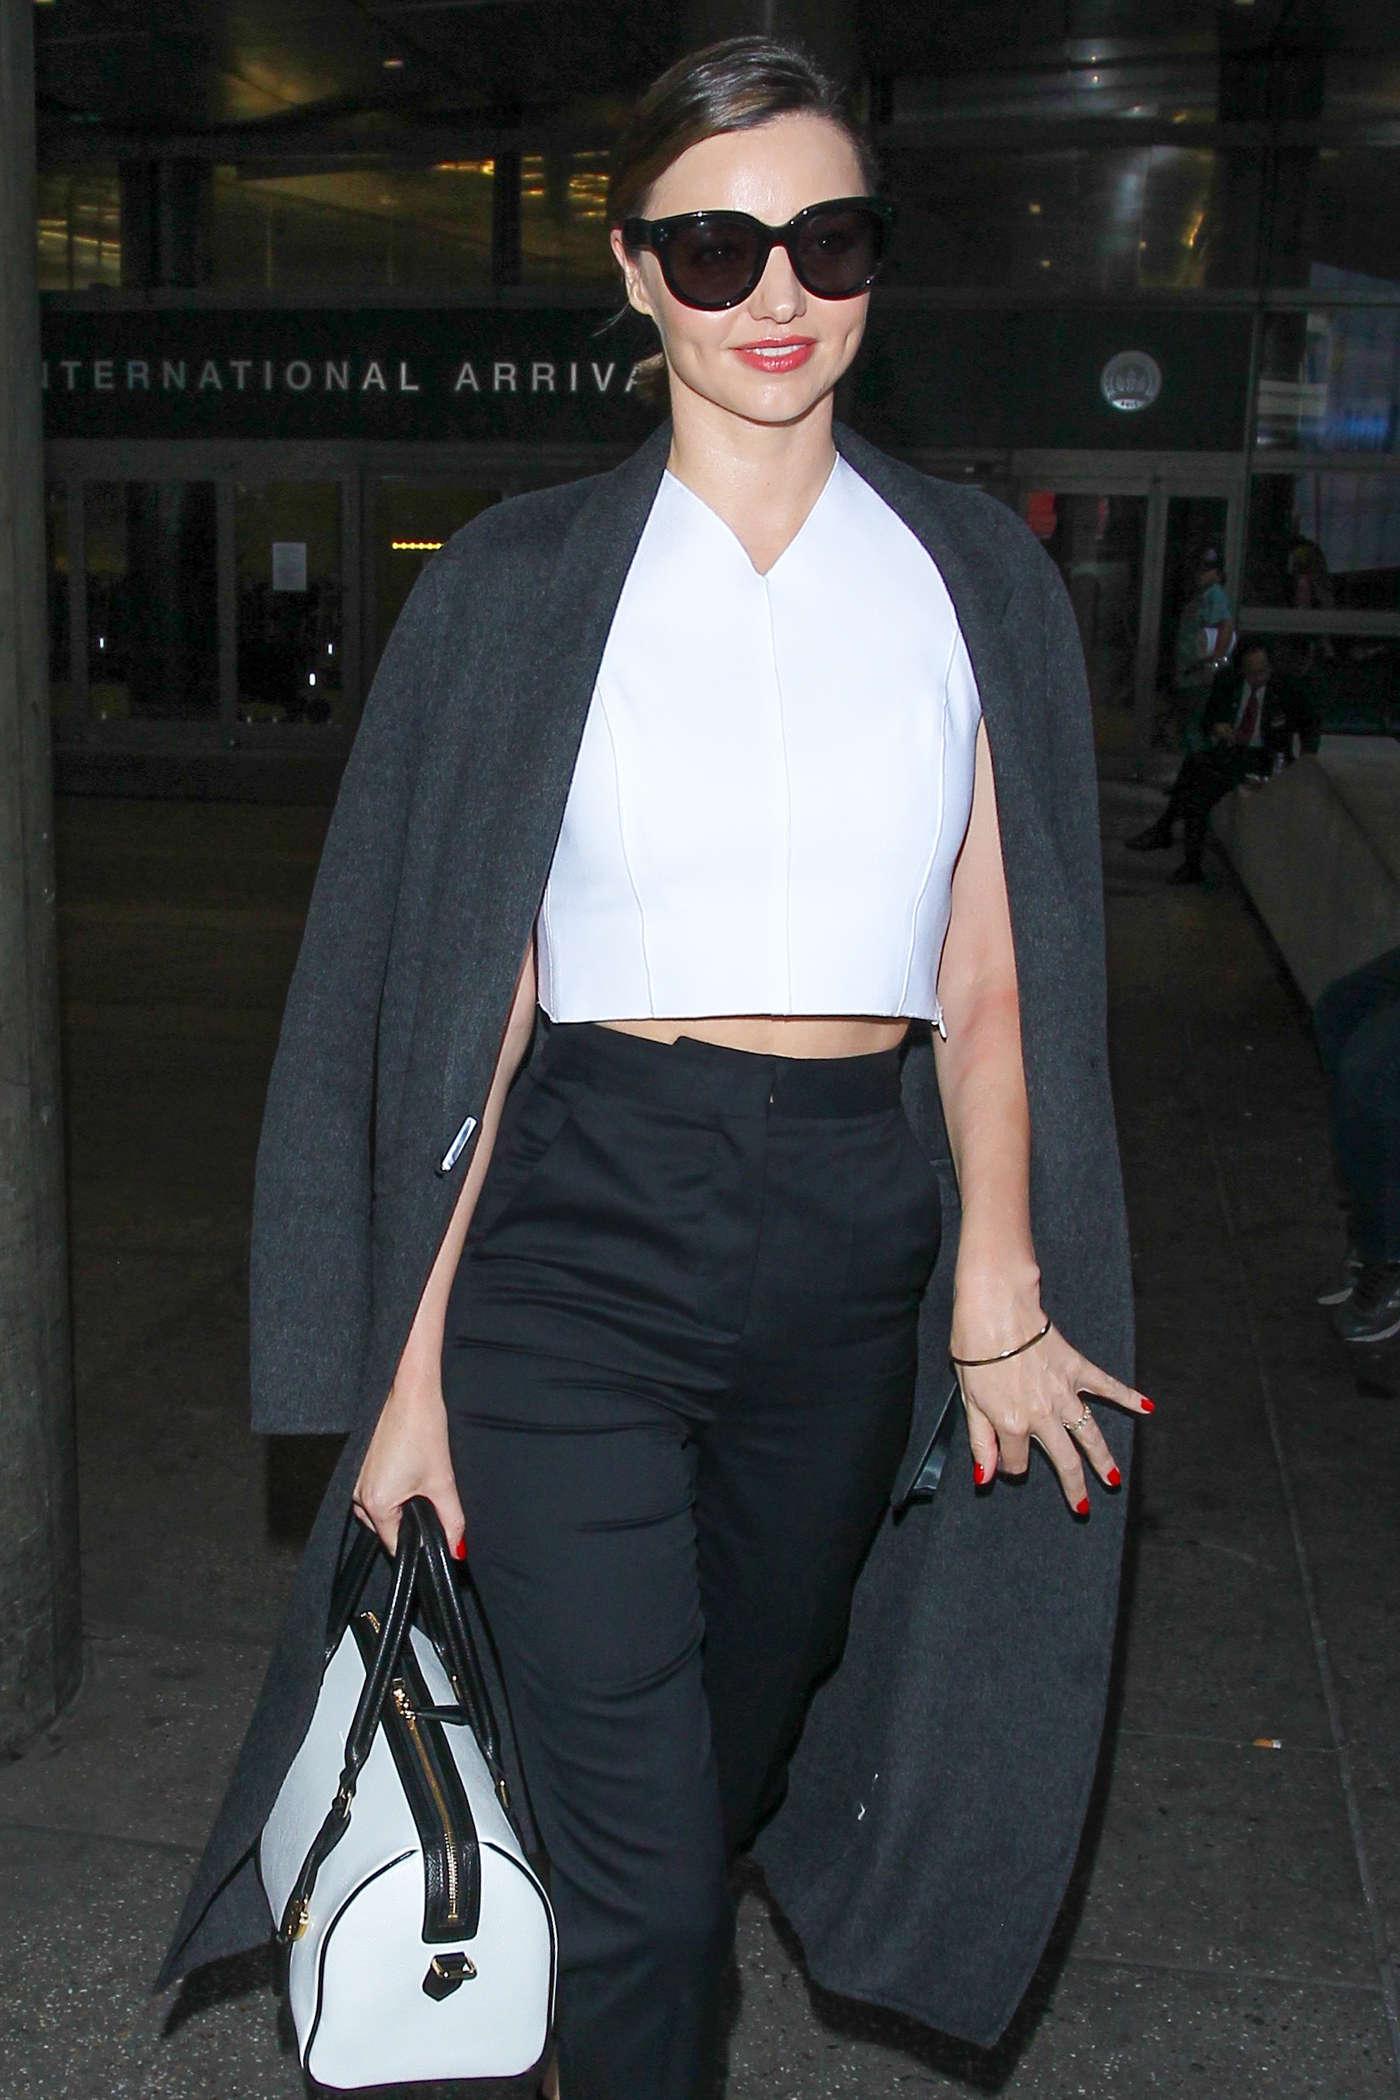 Miranda Kerr 2016 : Miranda Kerr at LAX Airport in LA -01